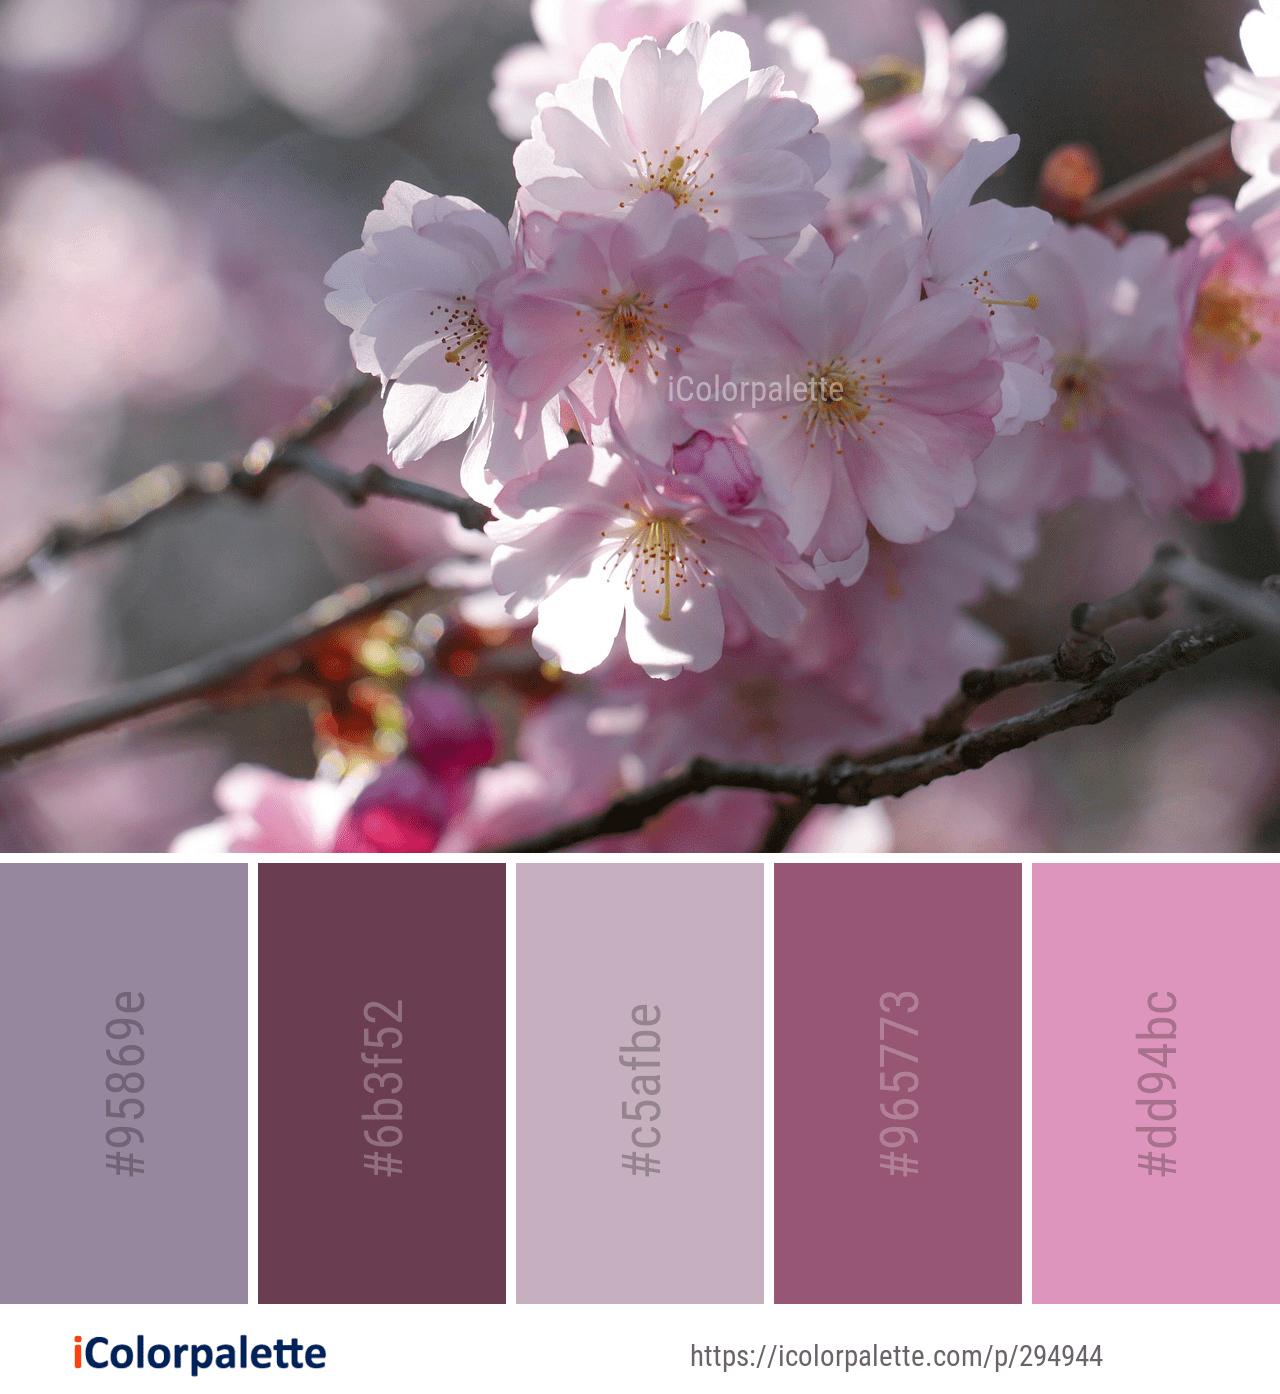 Cherry Blossom Color Scheme Google Search Combinacoes De Cores Paleta De Cores Rosa Cores Leves